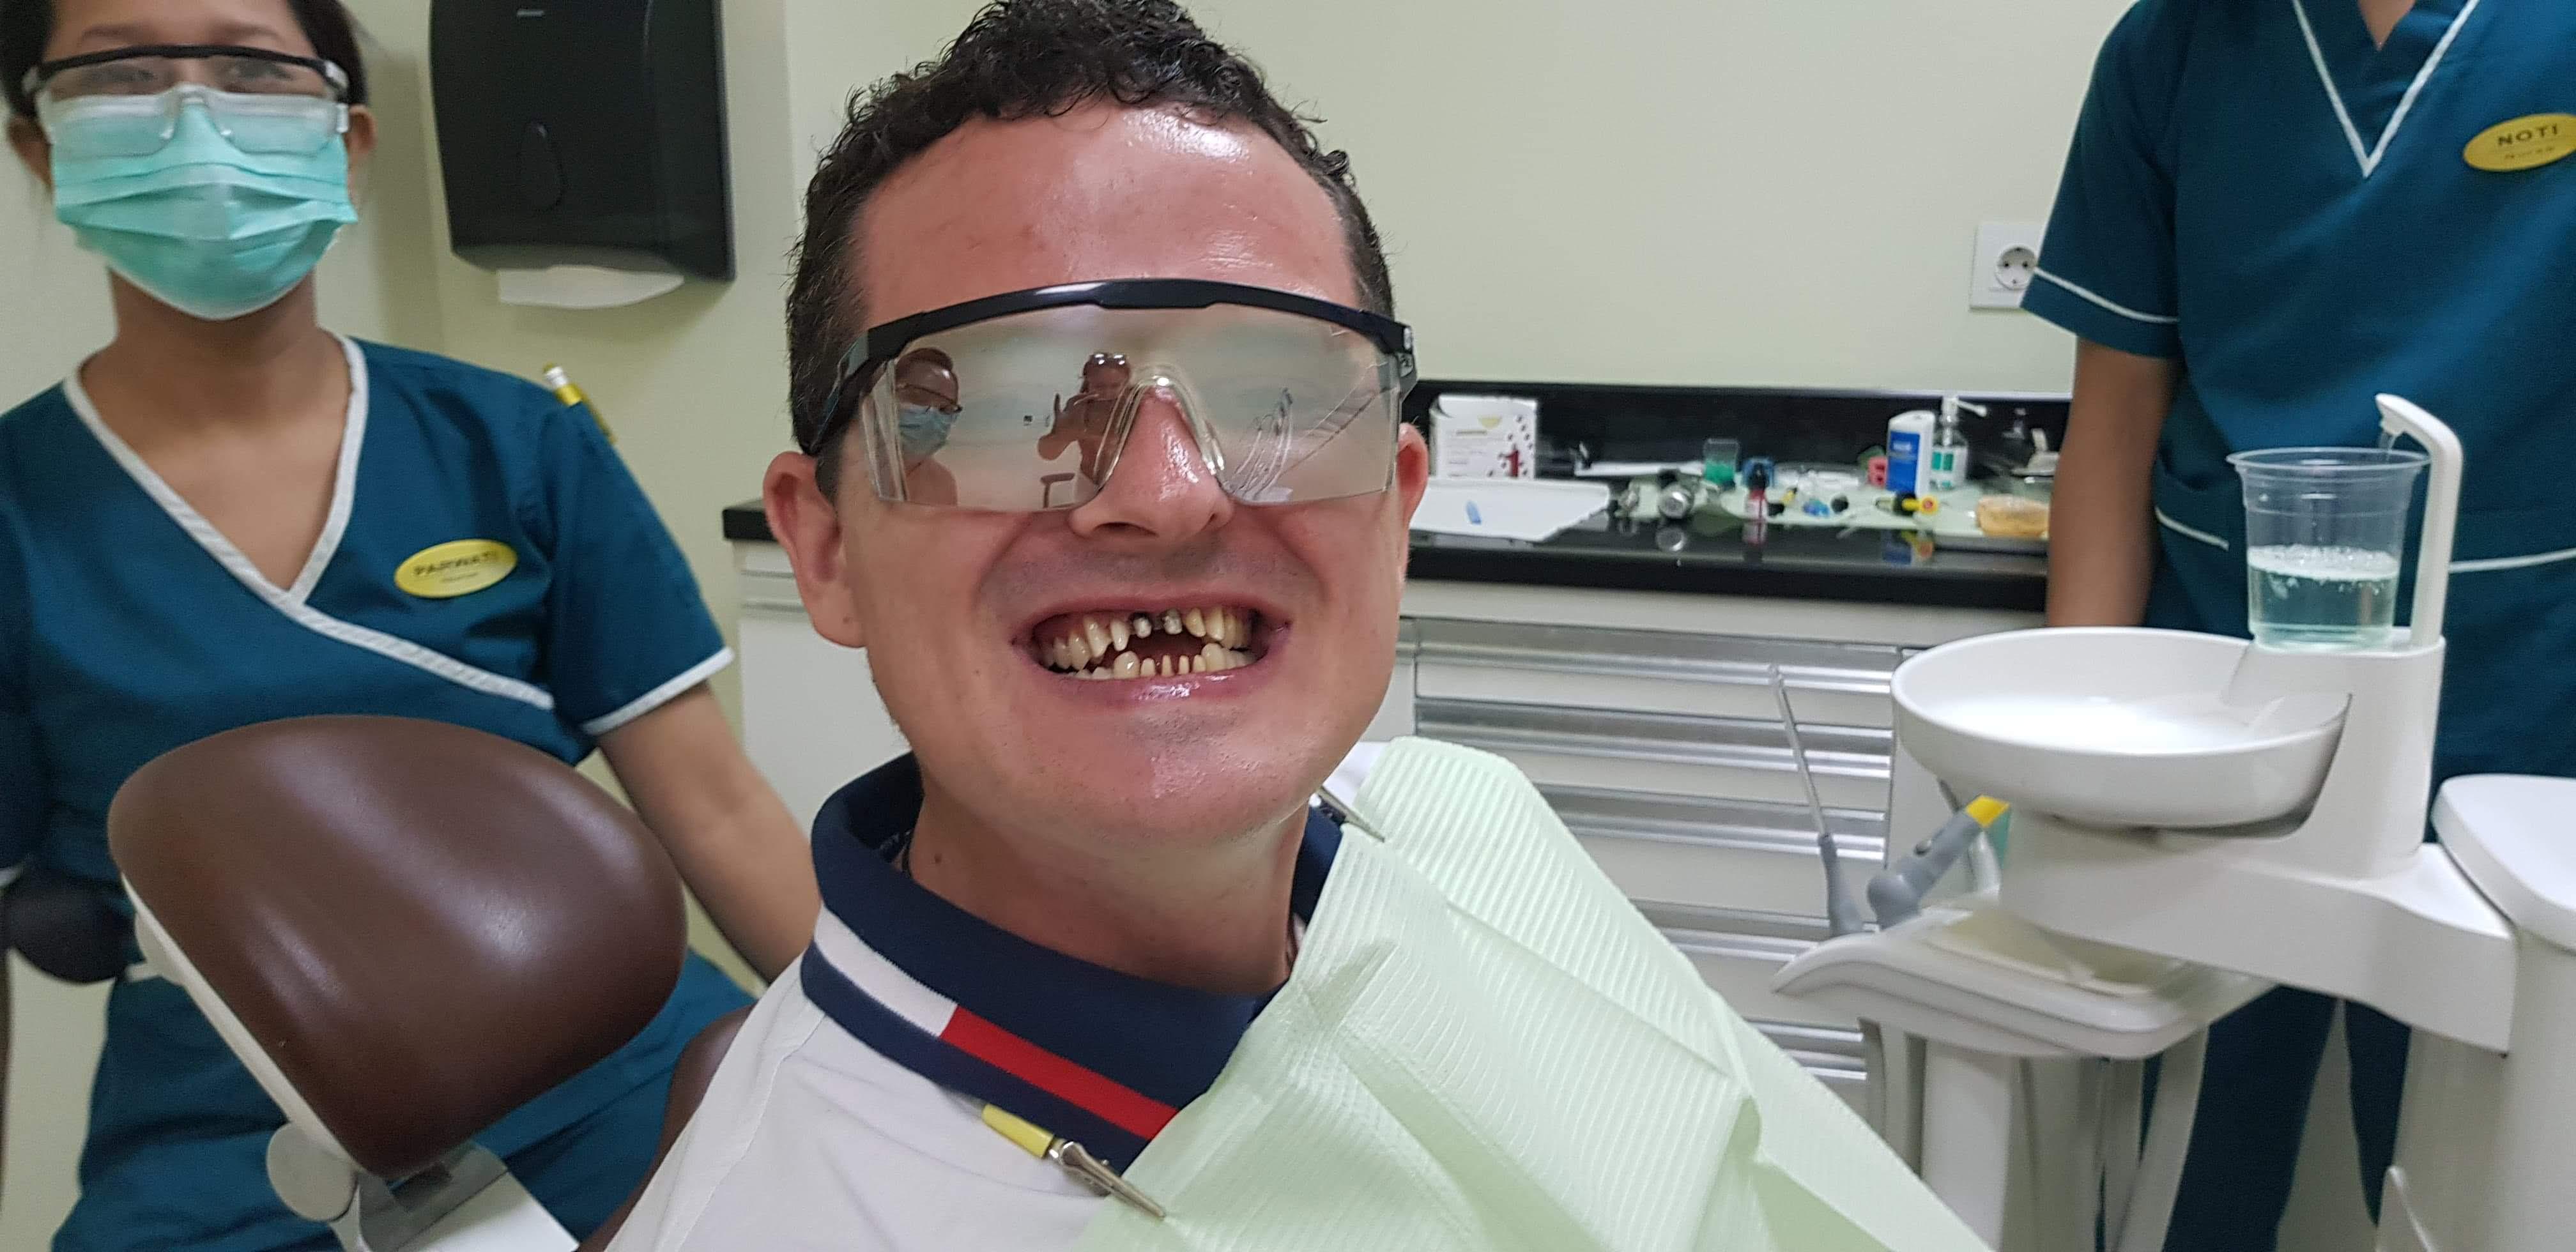 dental work veneers crowns teeth bali video before after during